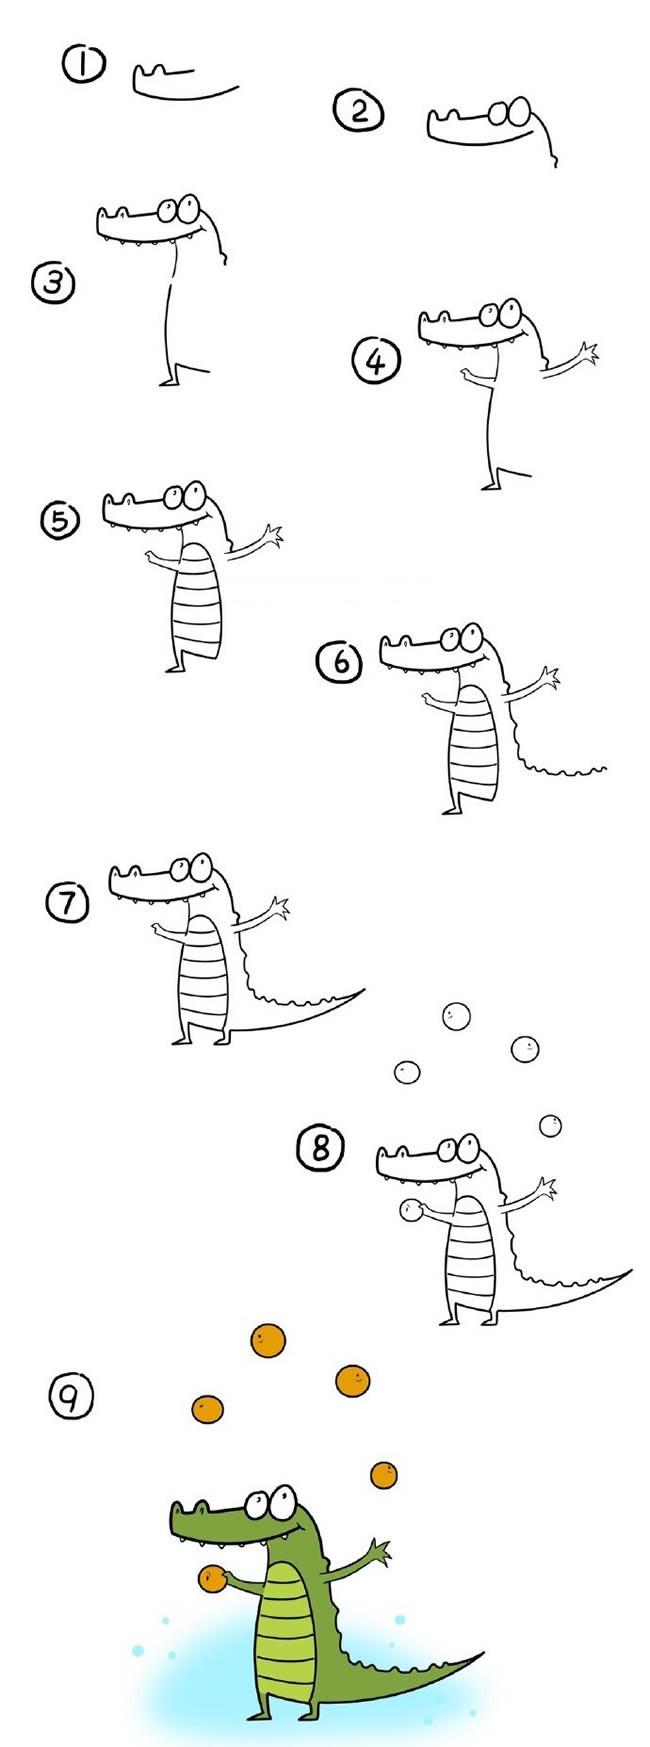 玩杂耍的小鳄鱼简笔画步骤图解 卡通鳄鱼如何画